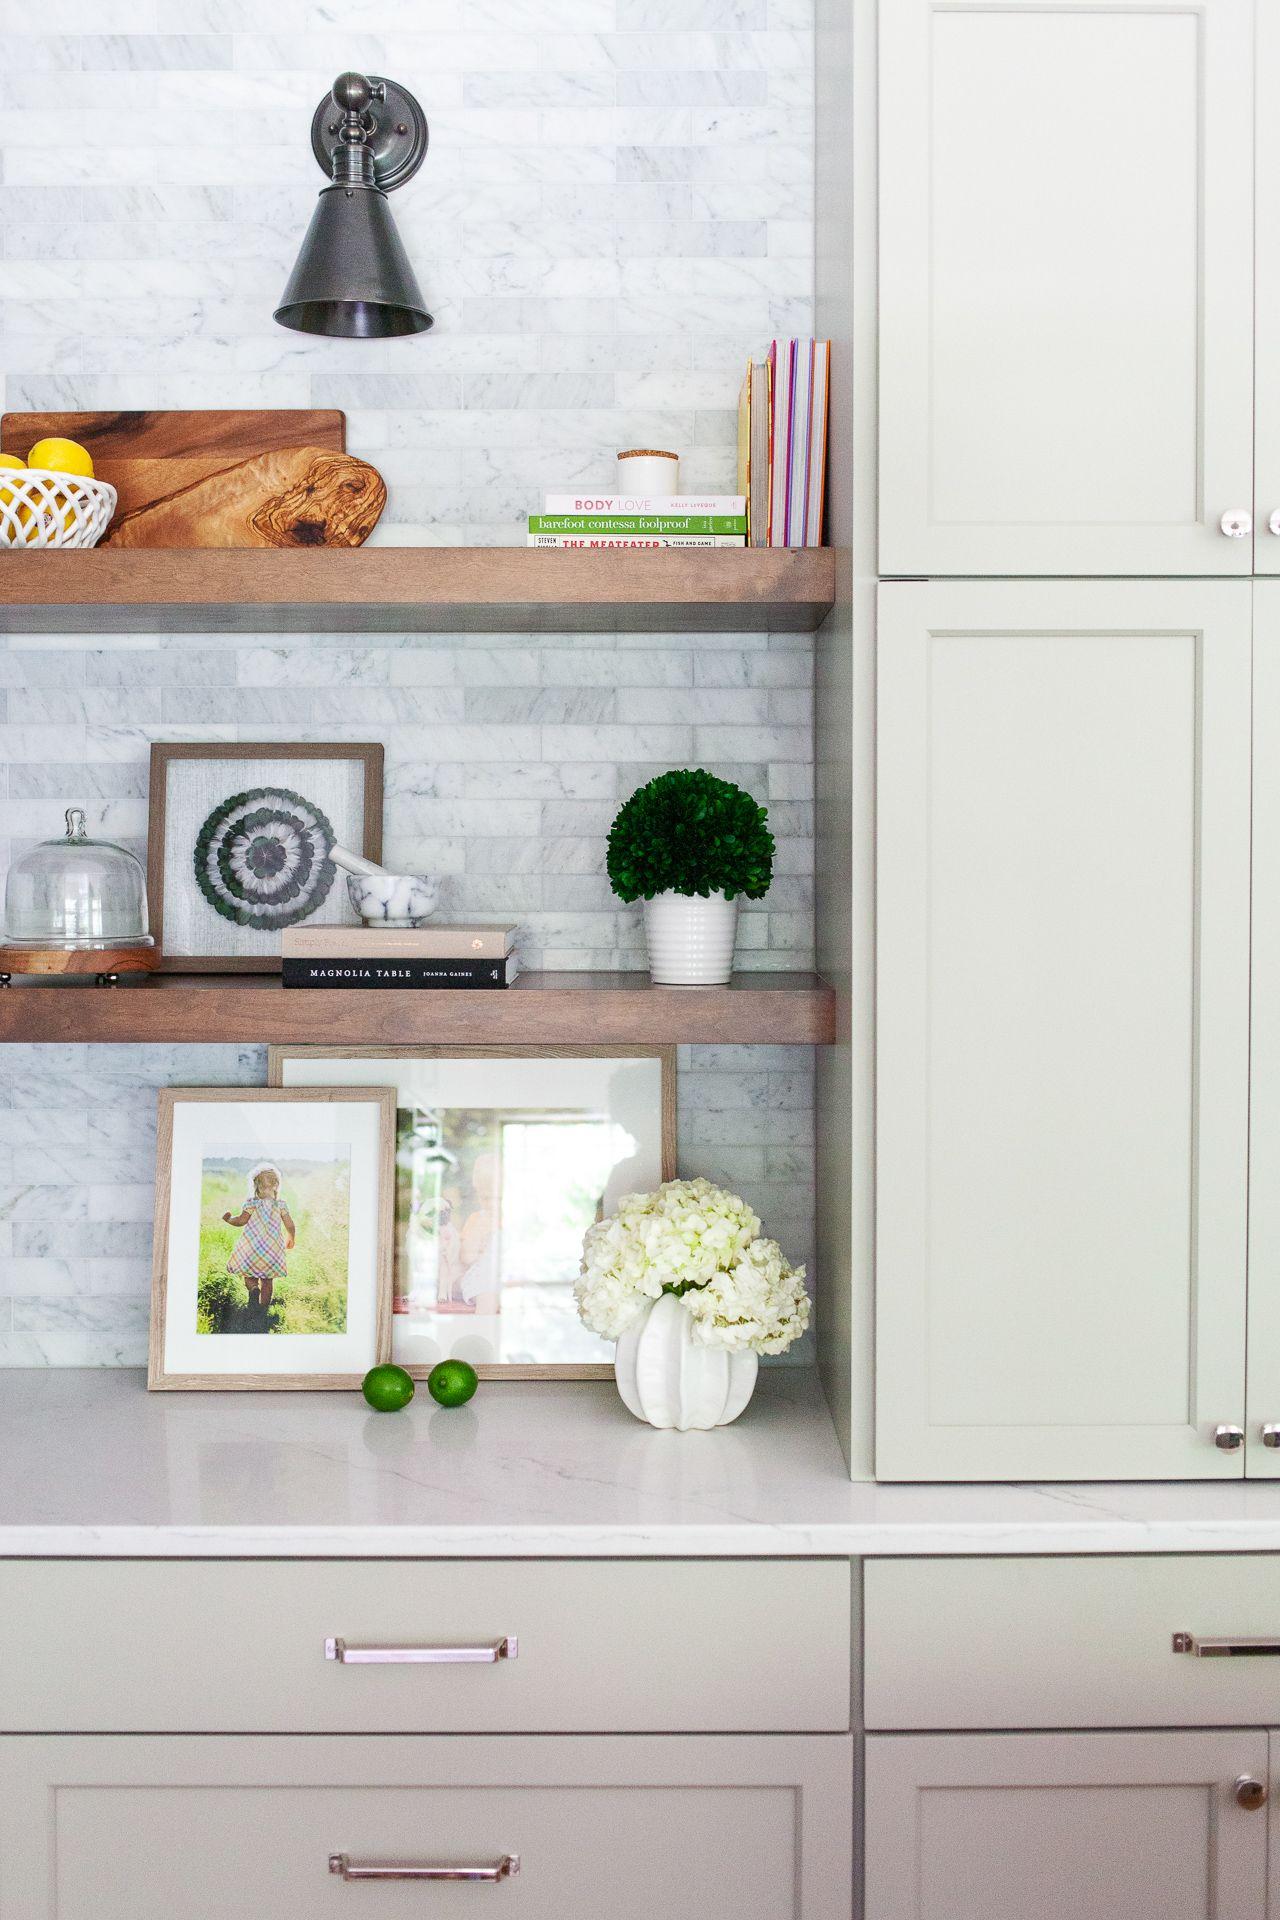 Floating shelves + corner shelves + running bond tile on ... on Corner Sconce Shelf Cabinet id=60637